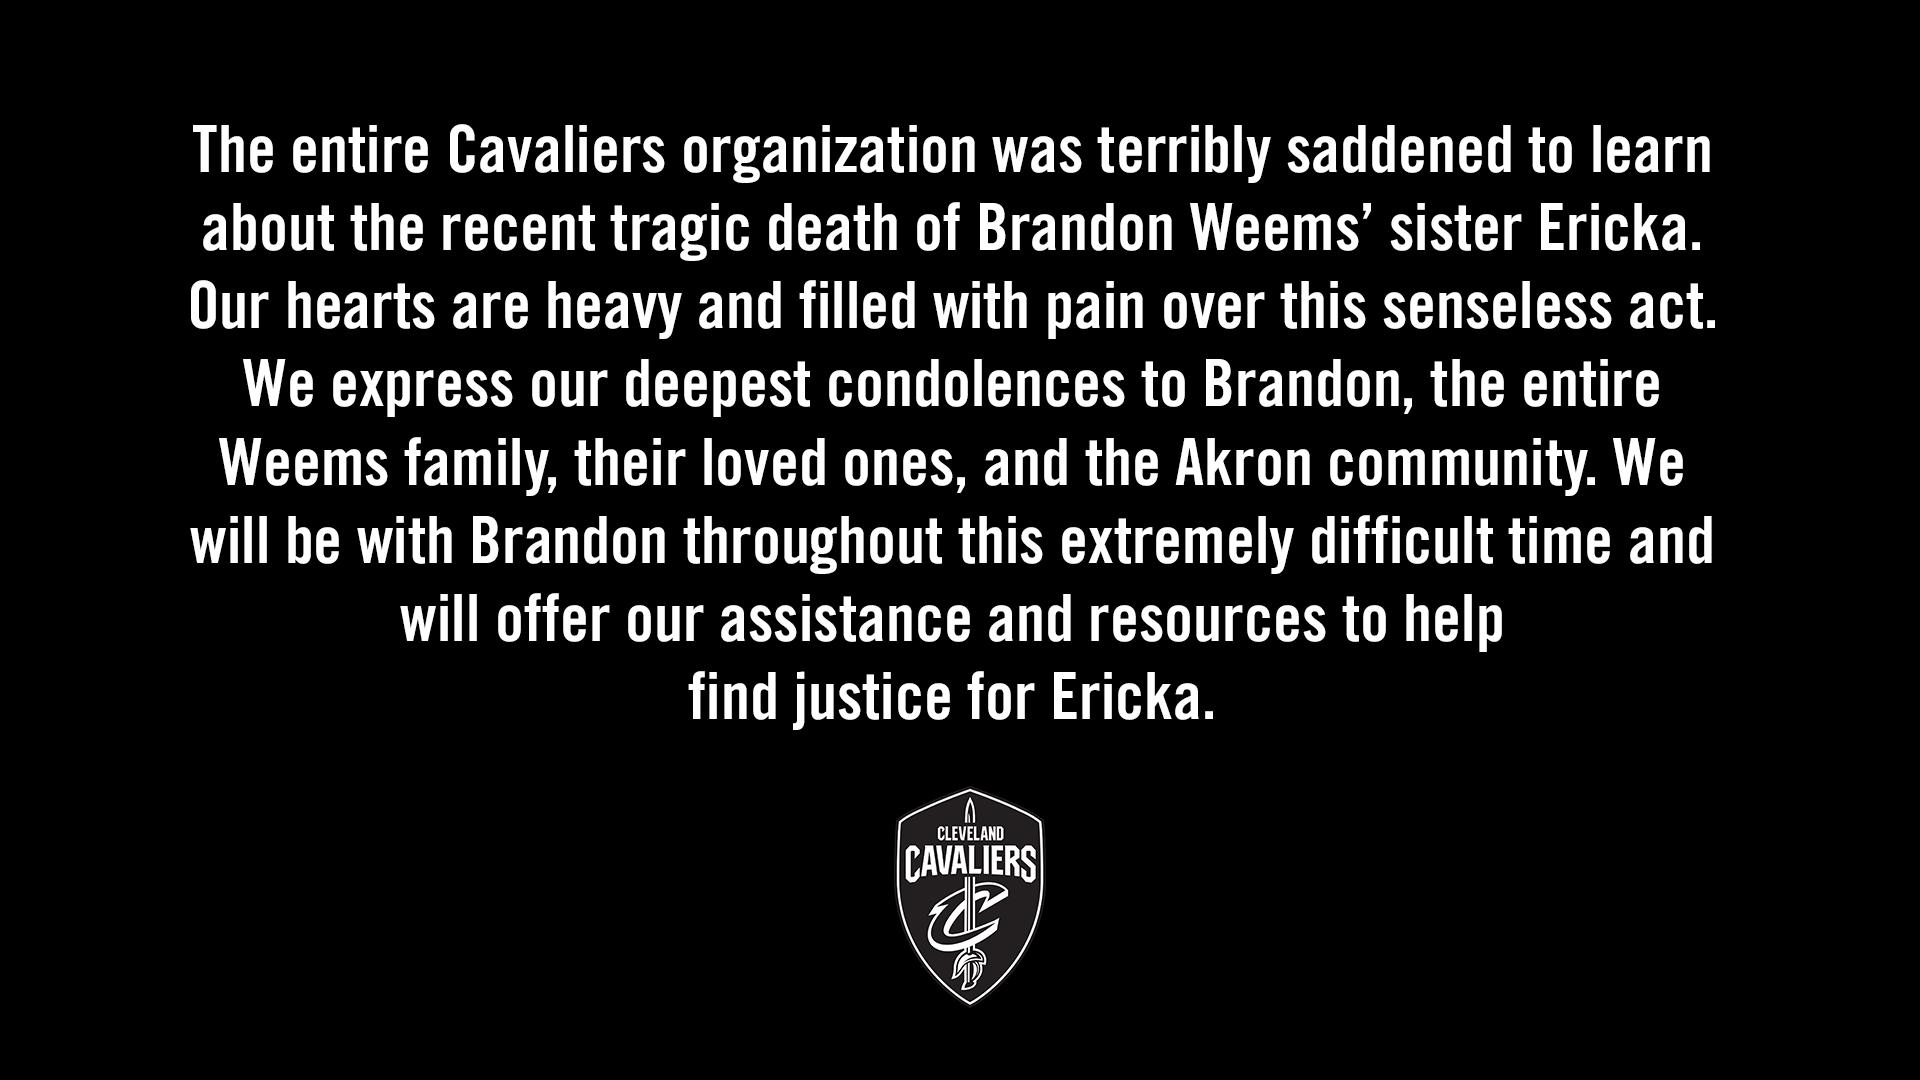 骑士官方就球队官员姐姐遭遇枪杀一事发布声明